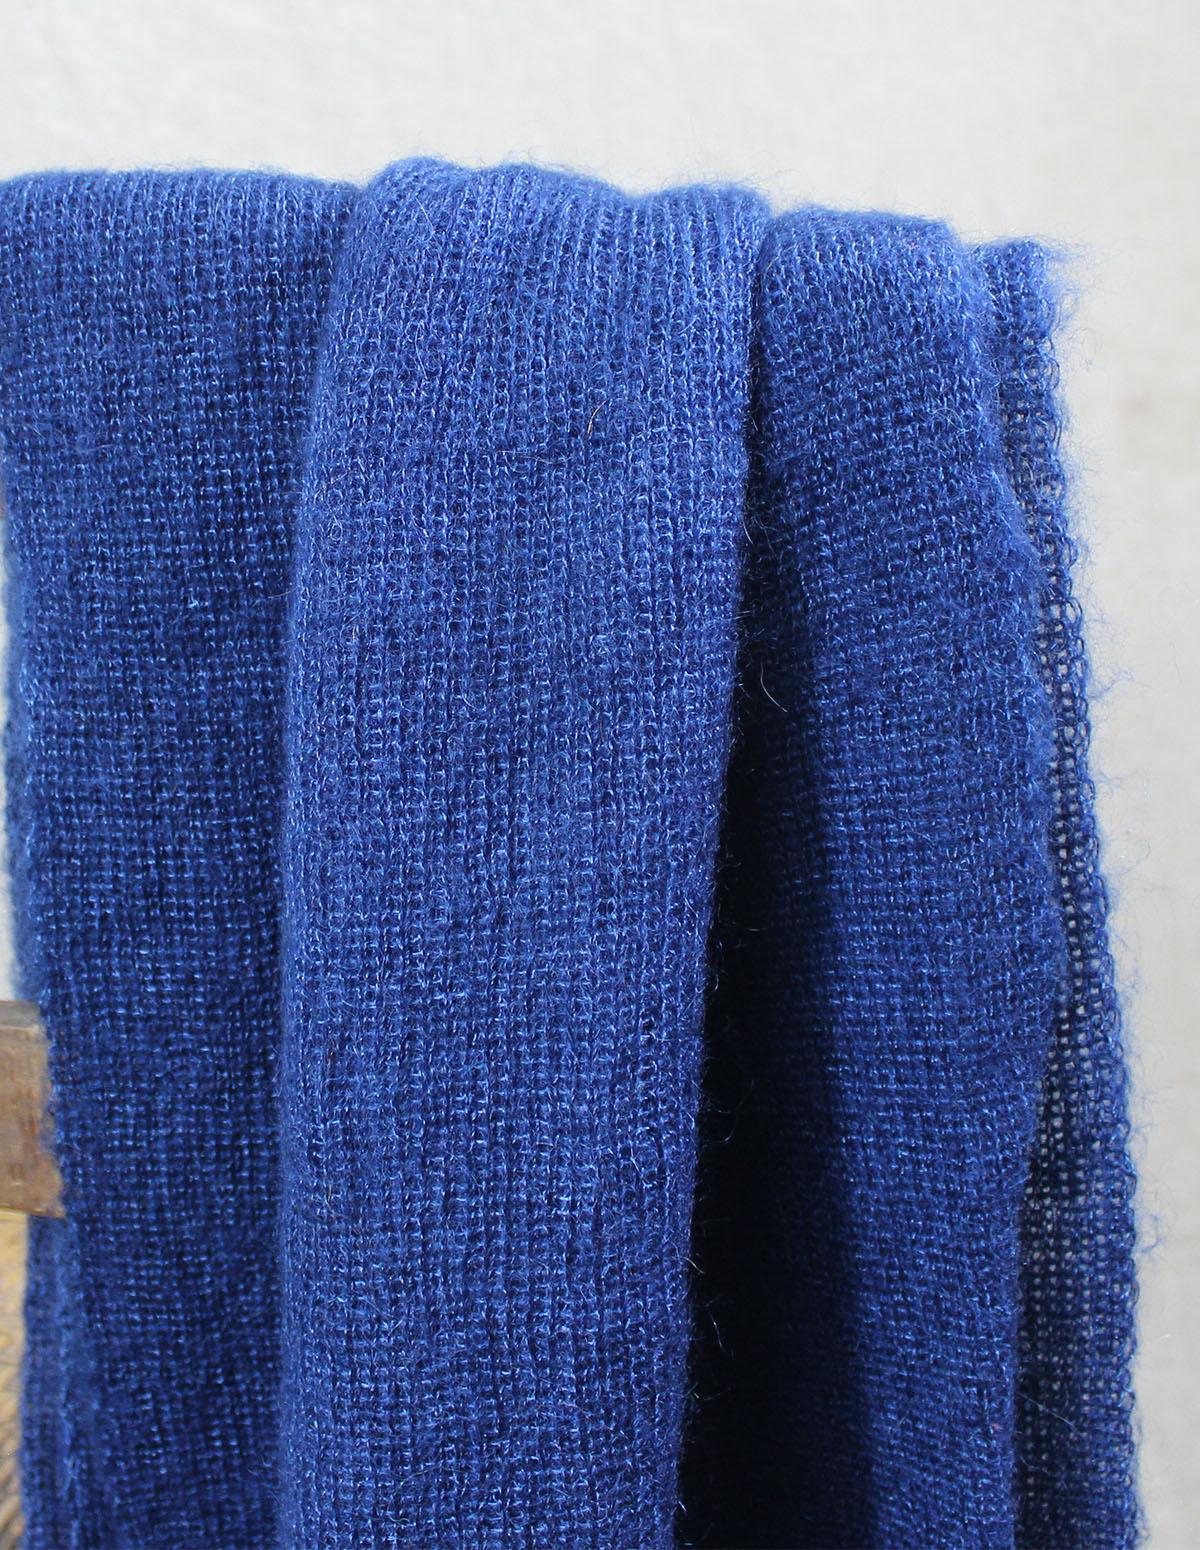 echarpes-tricotees-cote-mohair-soie-bleu-cobalt-une-ferme-a-la-bassette